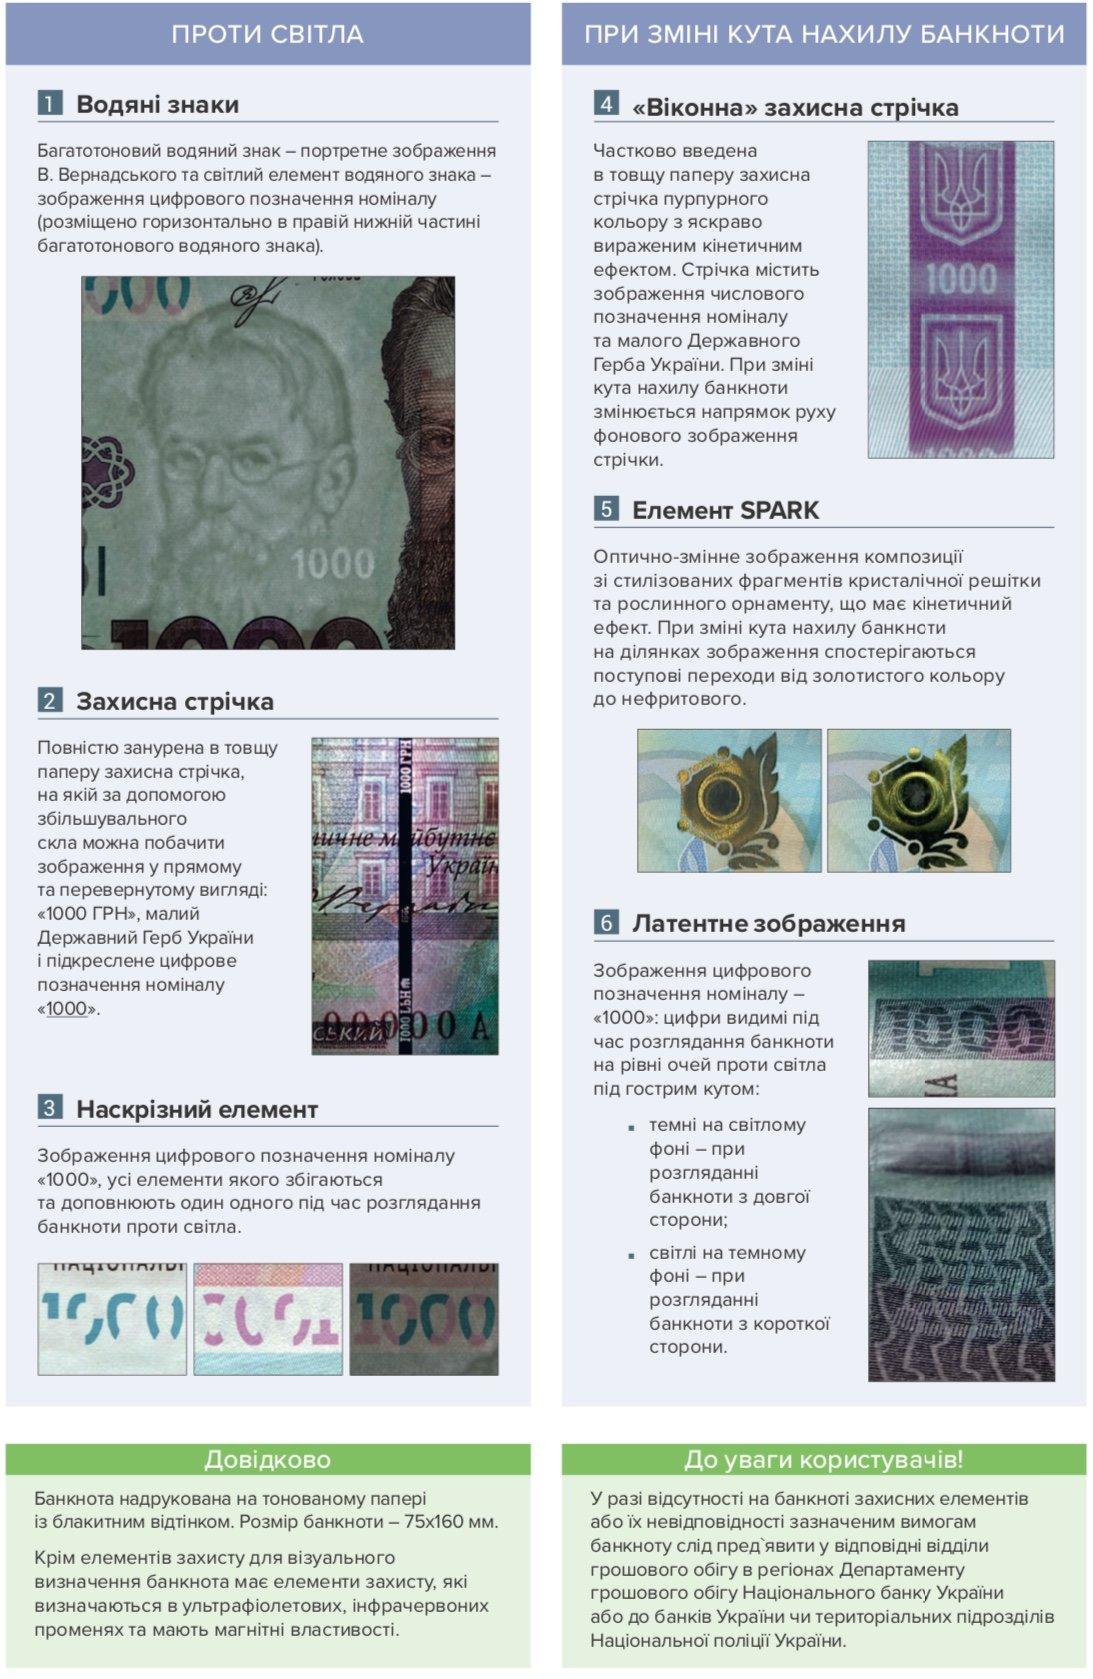 В Украине ввели в оборот 1000 гривен: как распознать подделку и реакция соцсетей, - ФОТО, фото-6